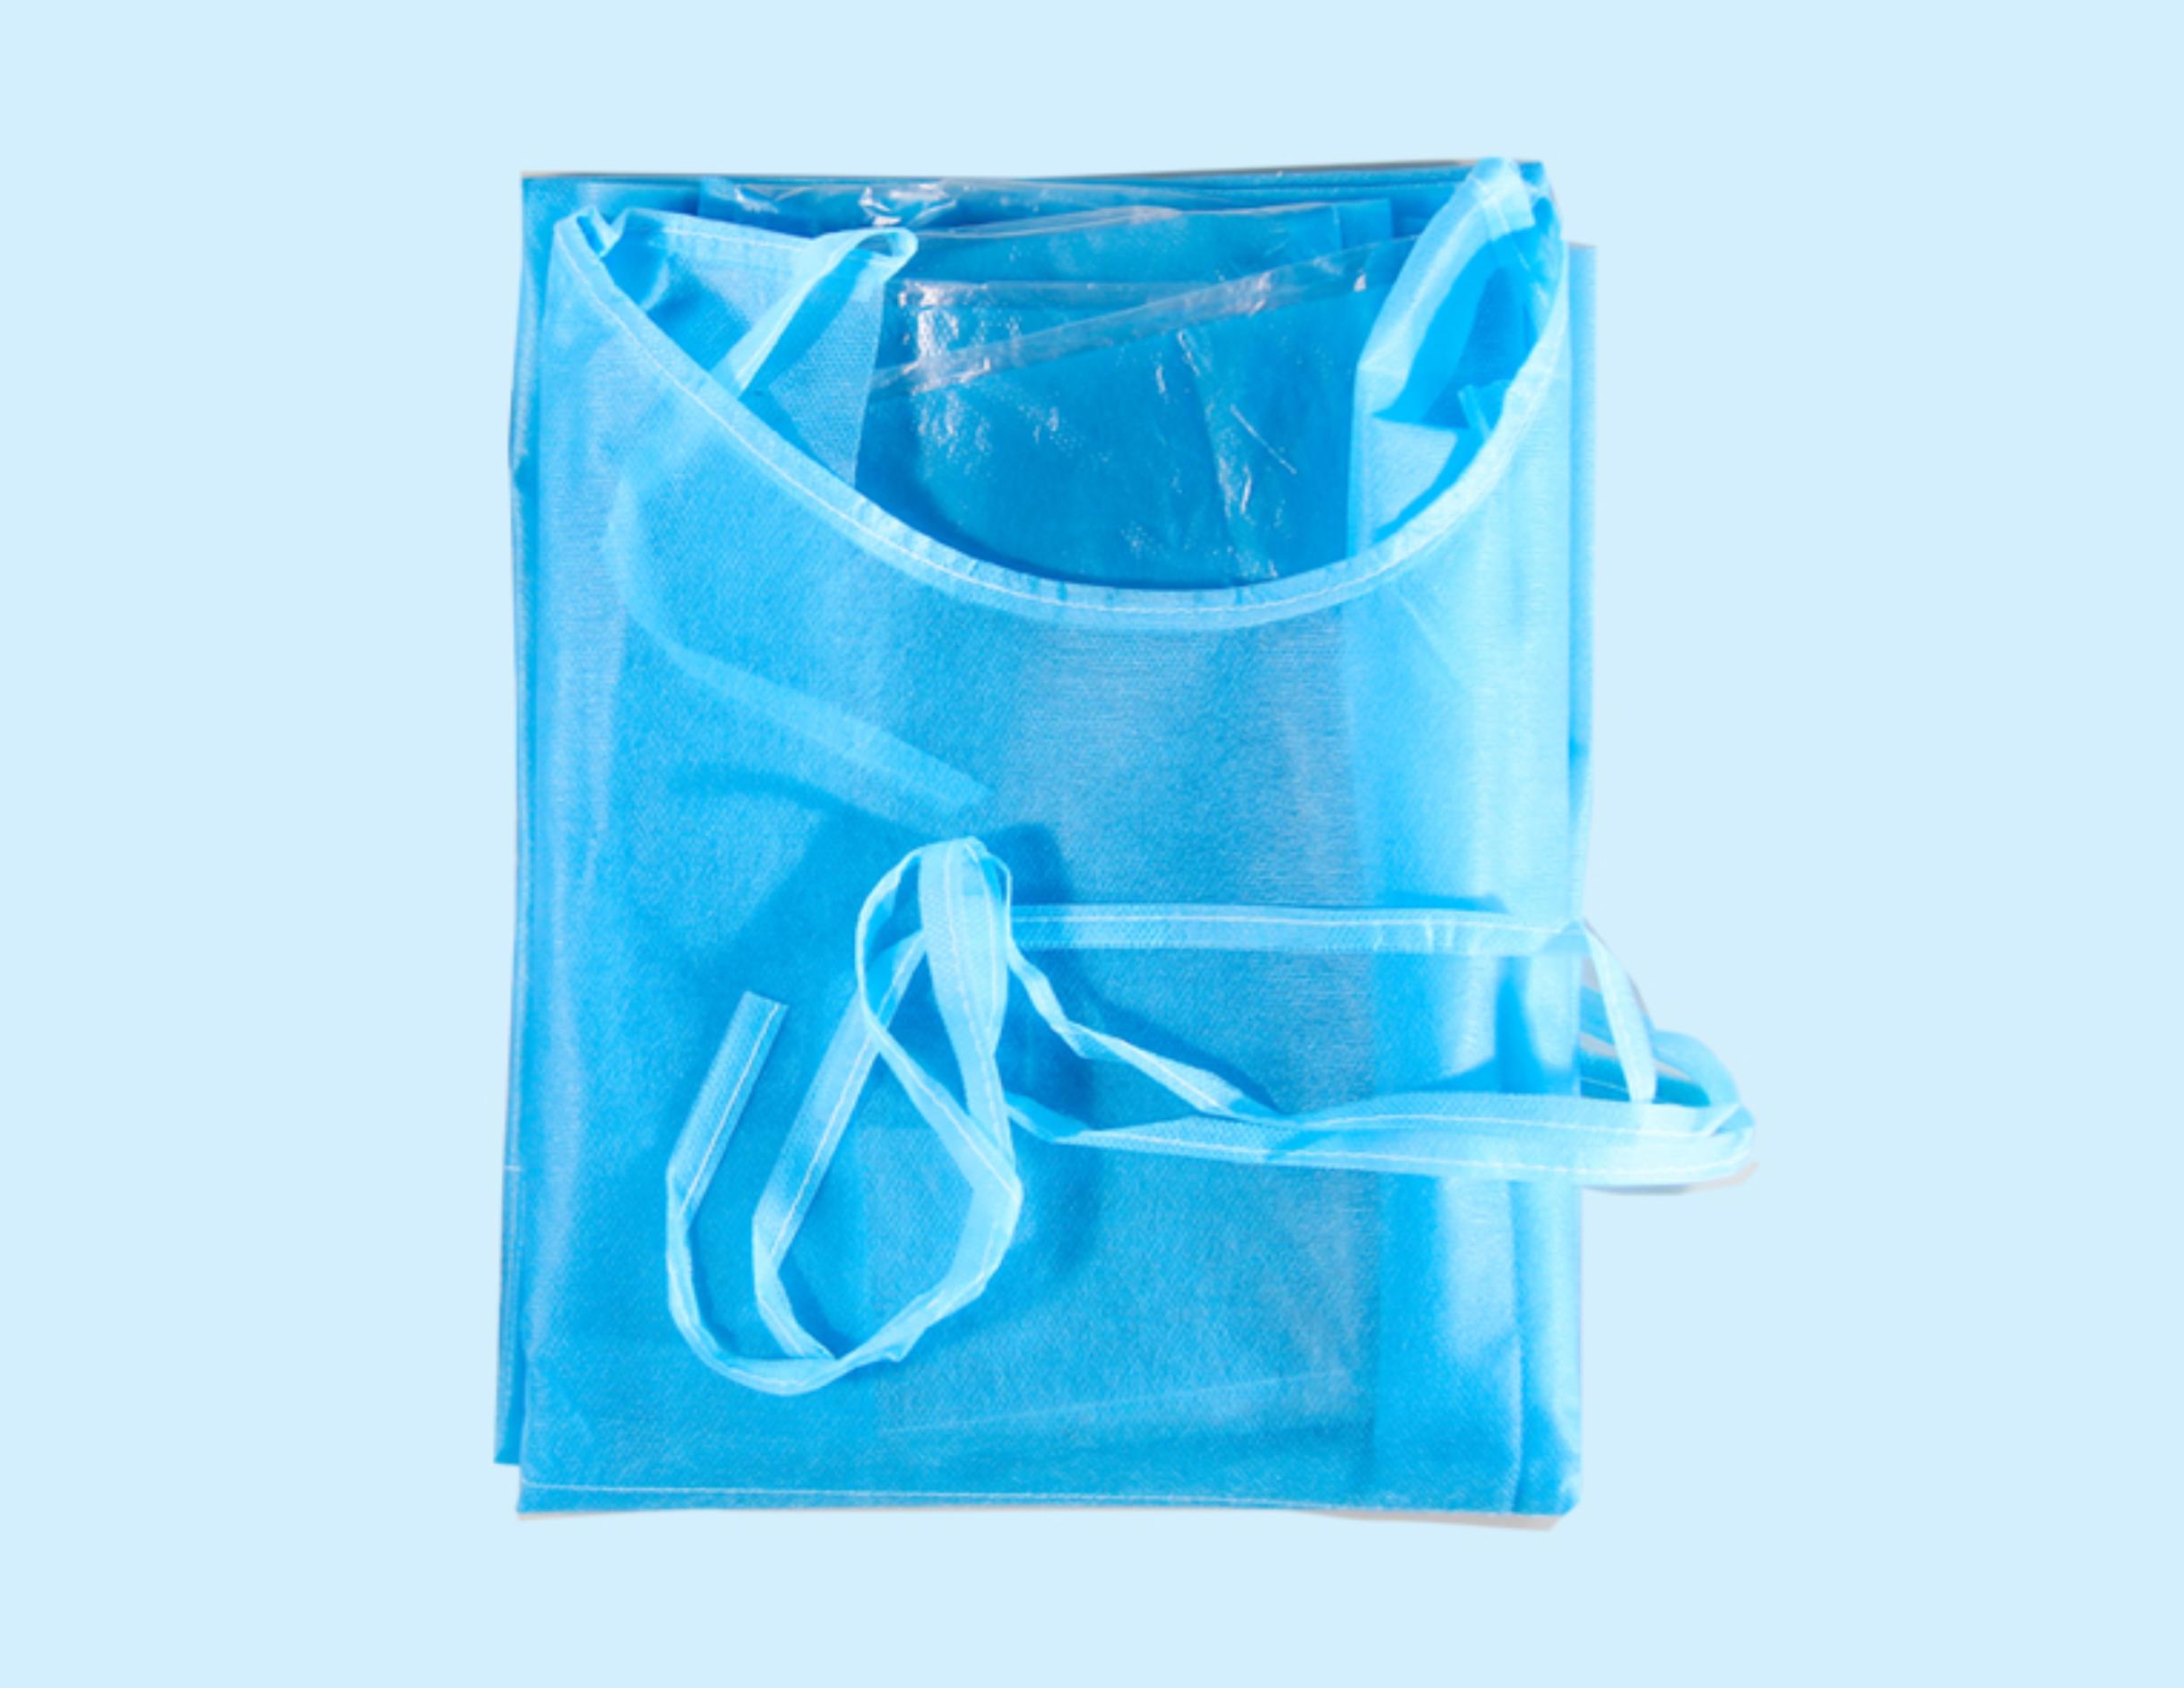 foto del camice piegato nella confezione